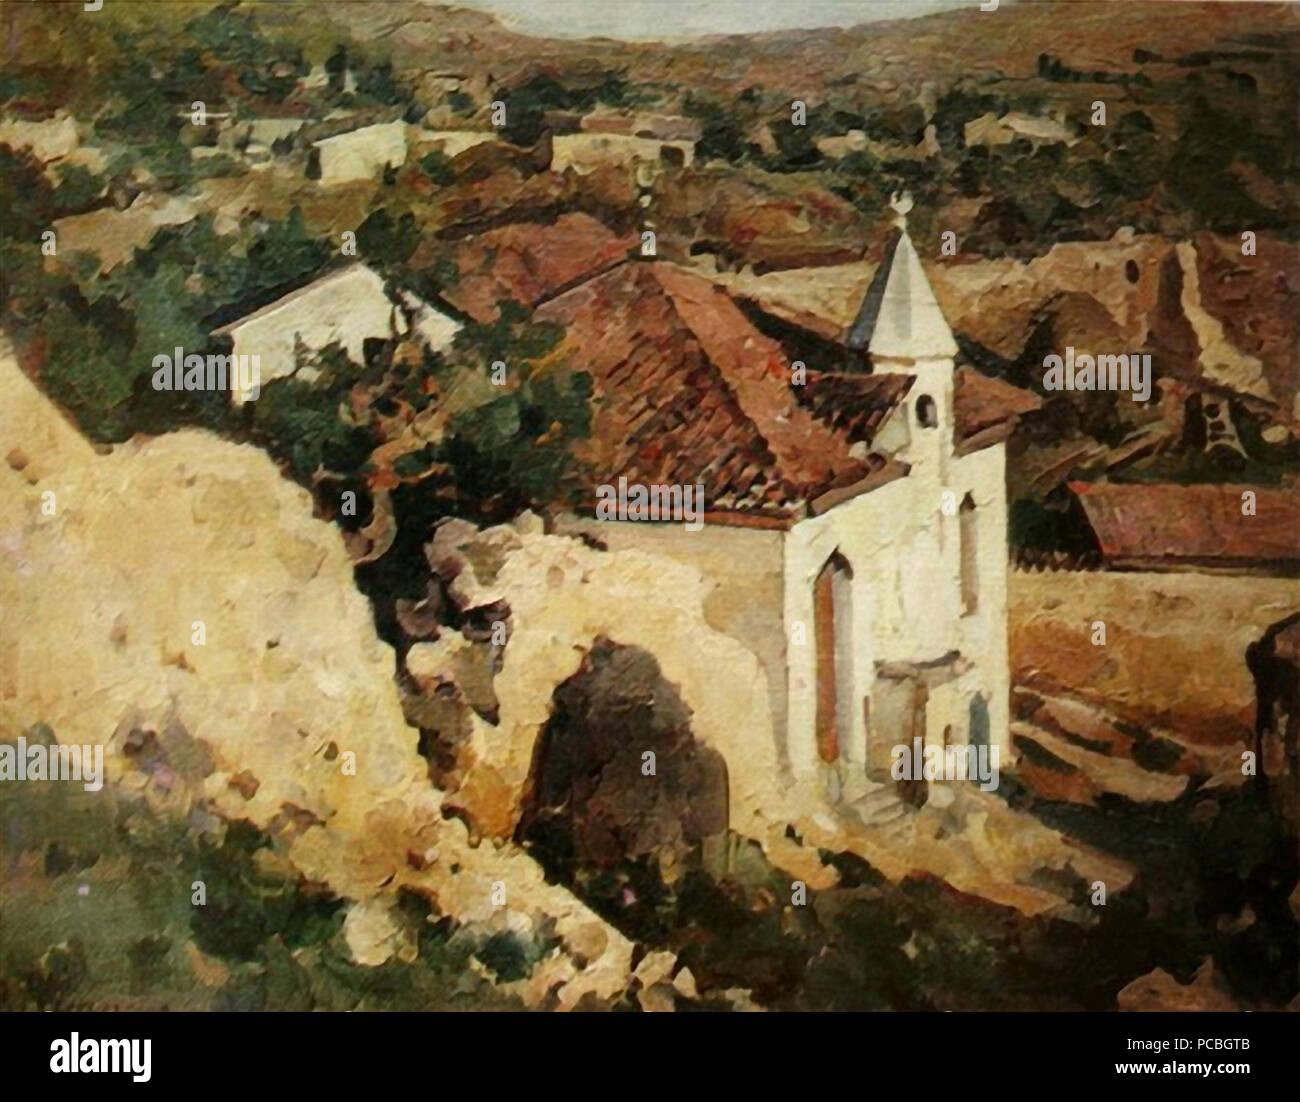 35 Alexander Kuprin 032 (37954246944) - Stock Image